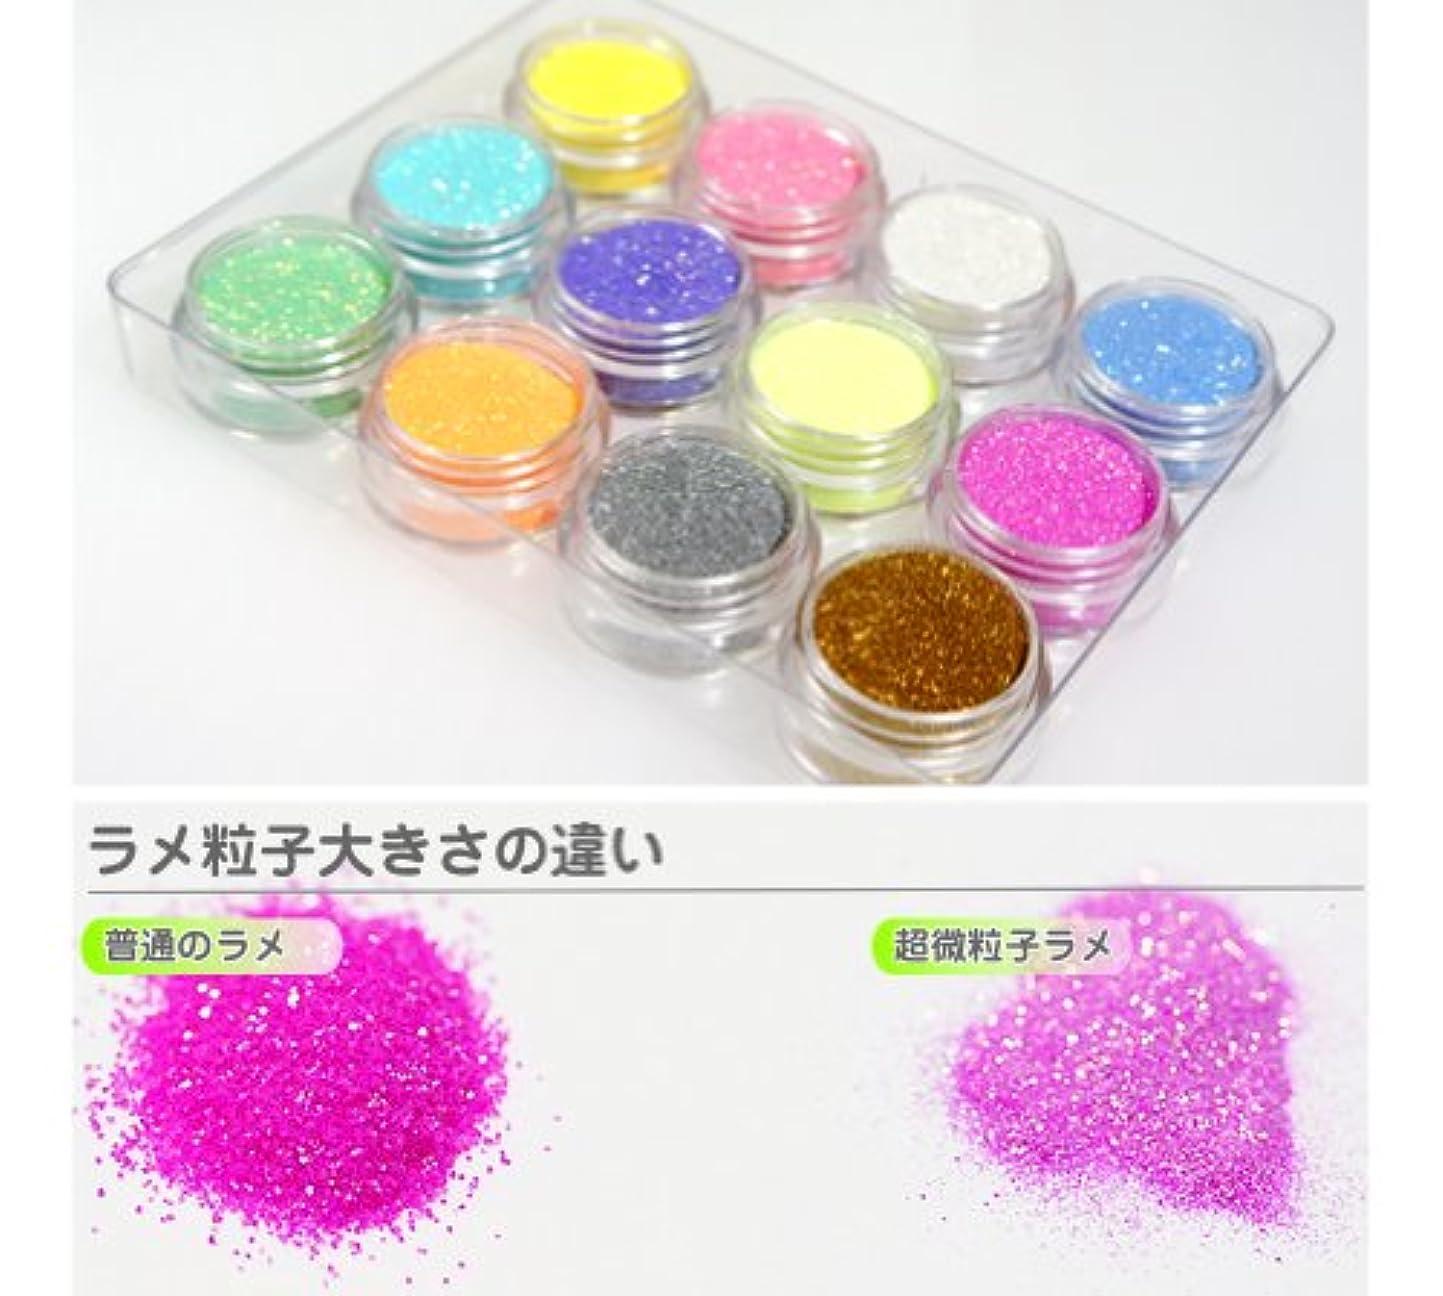 単なるおとこ大統領ネオコレクションオリジナル☆超微粒子ラメパウダー0.1mm、砂のようにサラサラで抜群の発色 ジェルネイルアートに!